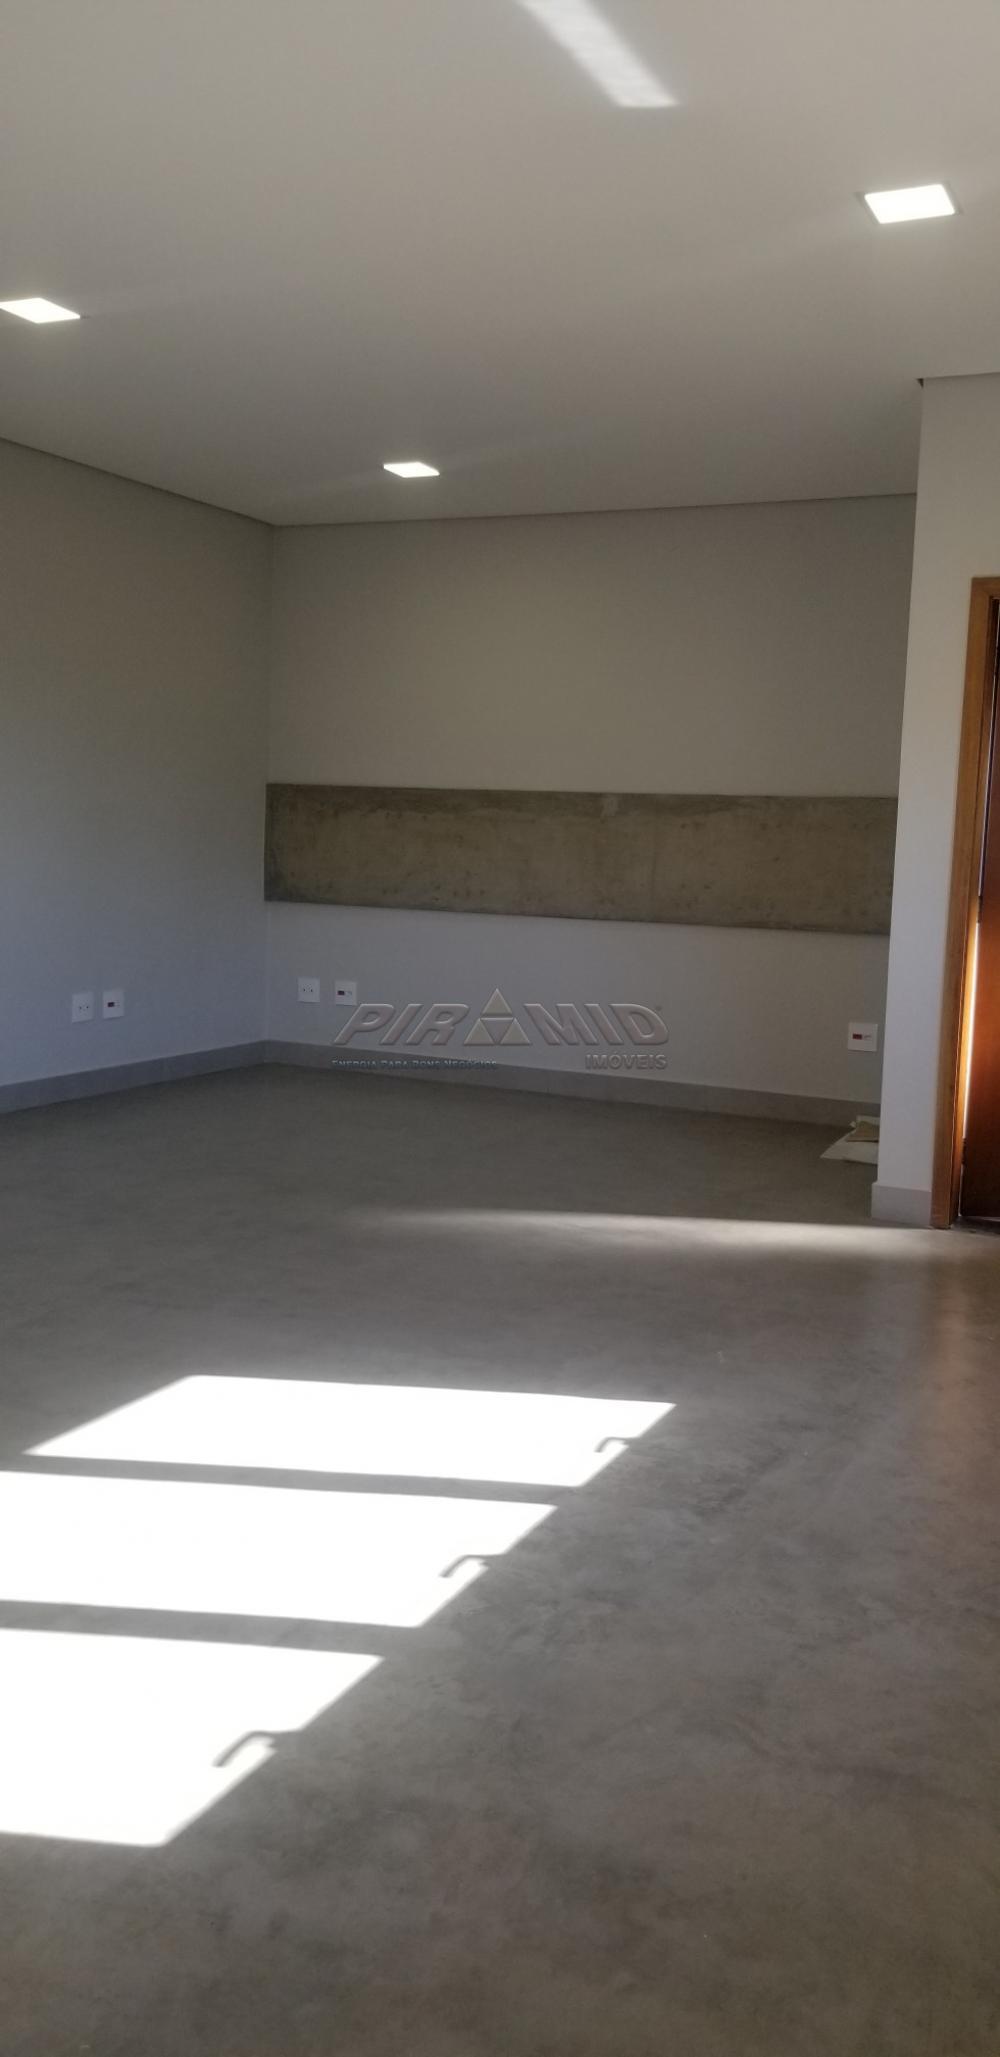 Alugar Comercial / Galpão em Ribeirão Preto R$ 25.000,00 - Foto 28